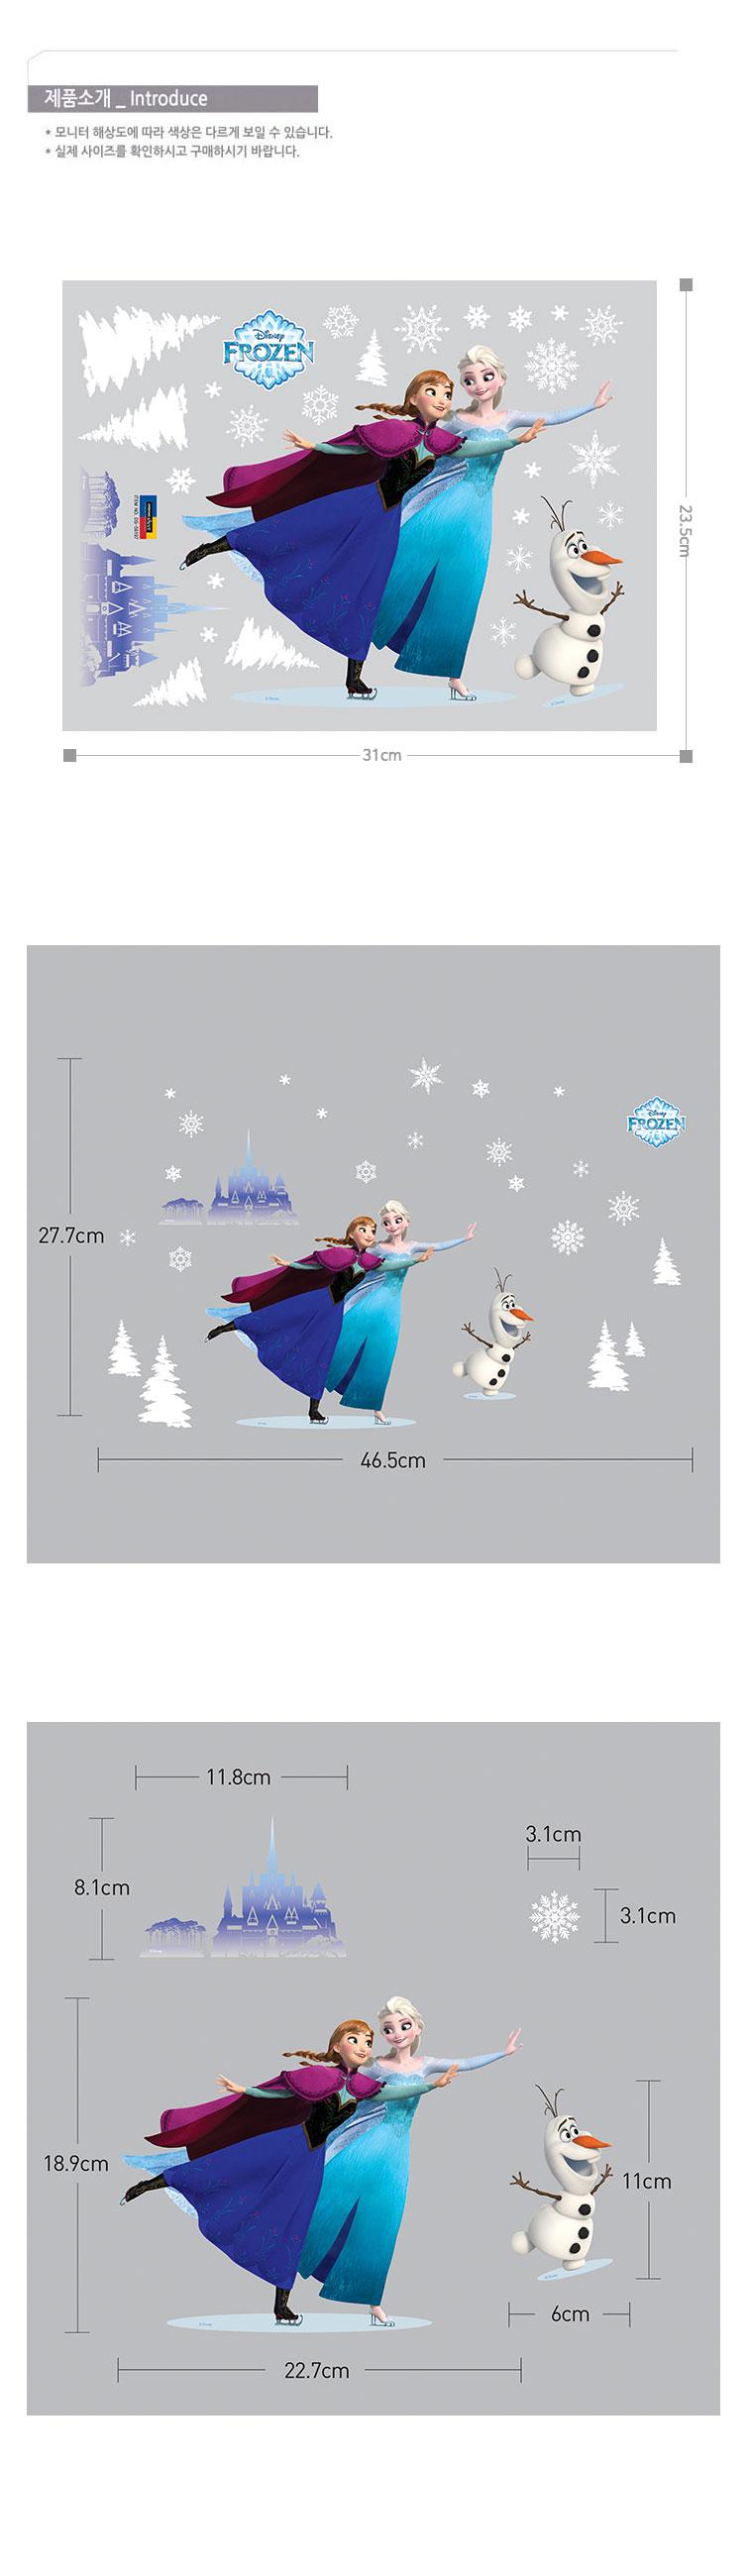 디즈니 캐릭터 겨울테마 스티커 기획전 겨울왕국 눈꽃 곰돌이 푸 - 케이알인터내셔날, 4,400원, 월데코스티커, 계절/시즌